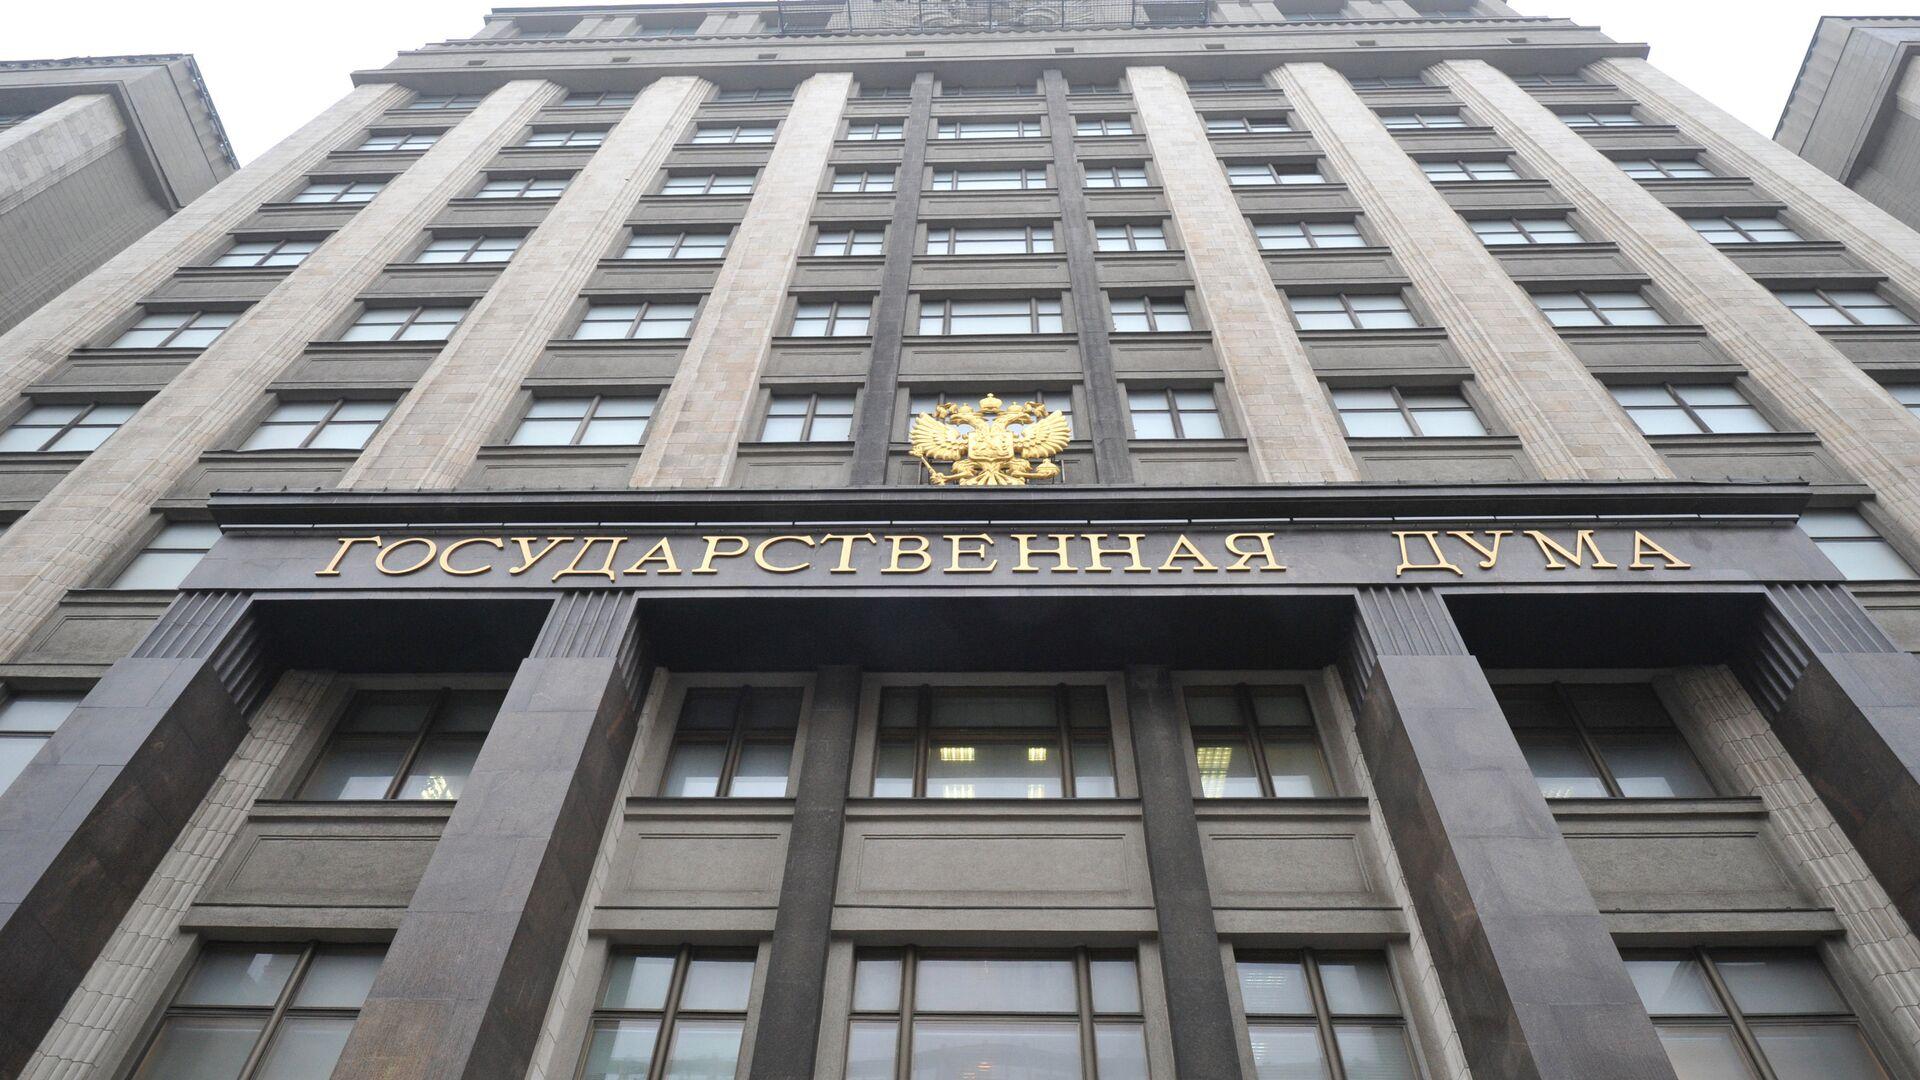 Zgrada Državne dume Ruske Federacije - Sputnik Srbija, 1920, 11.10.2021